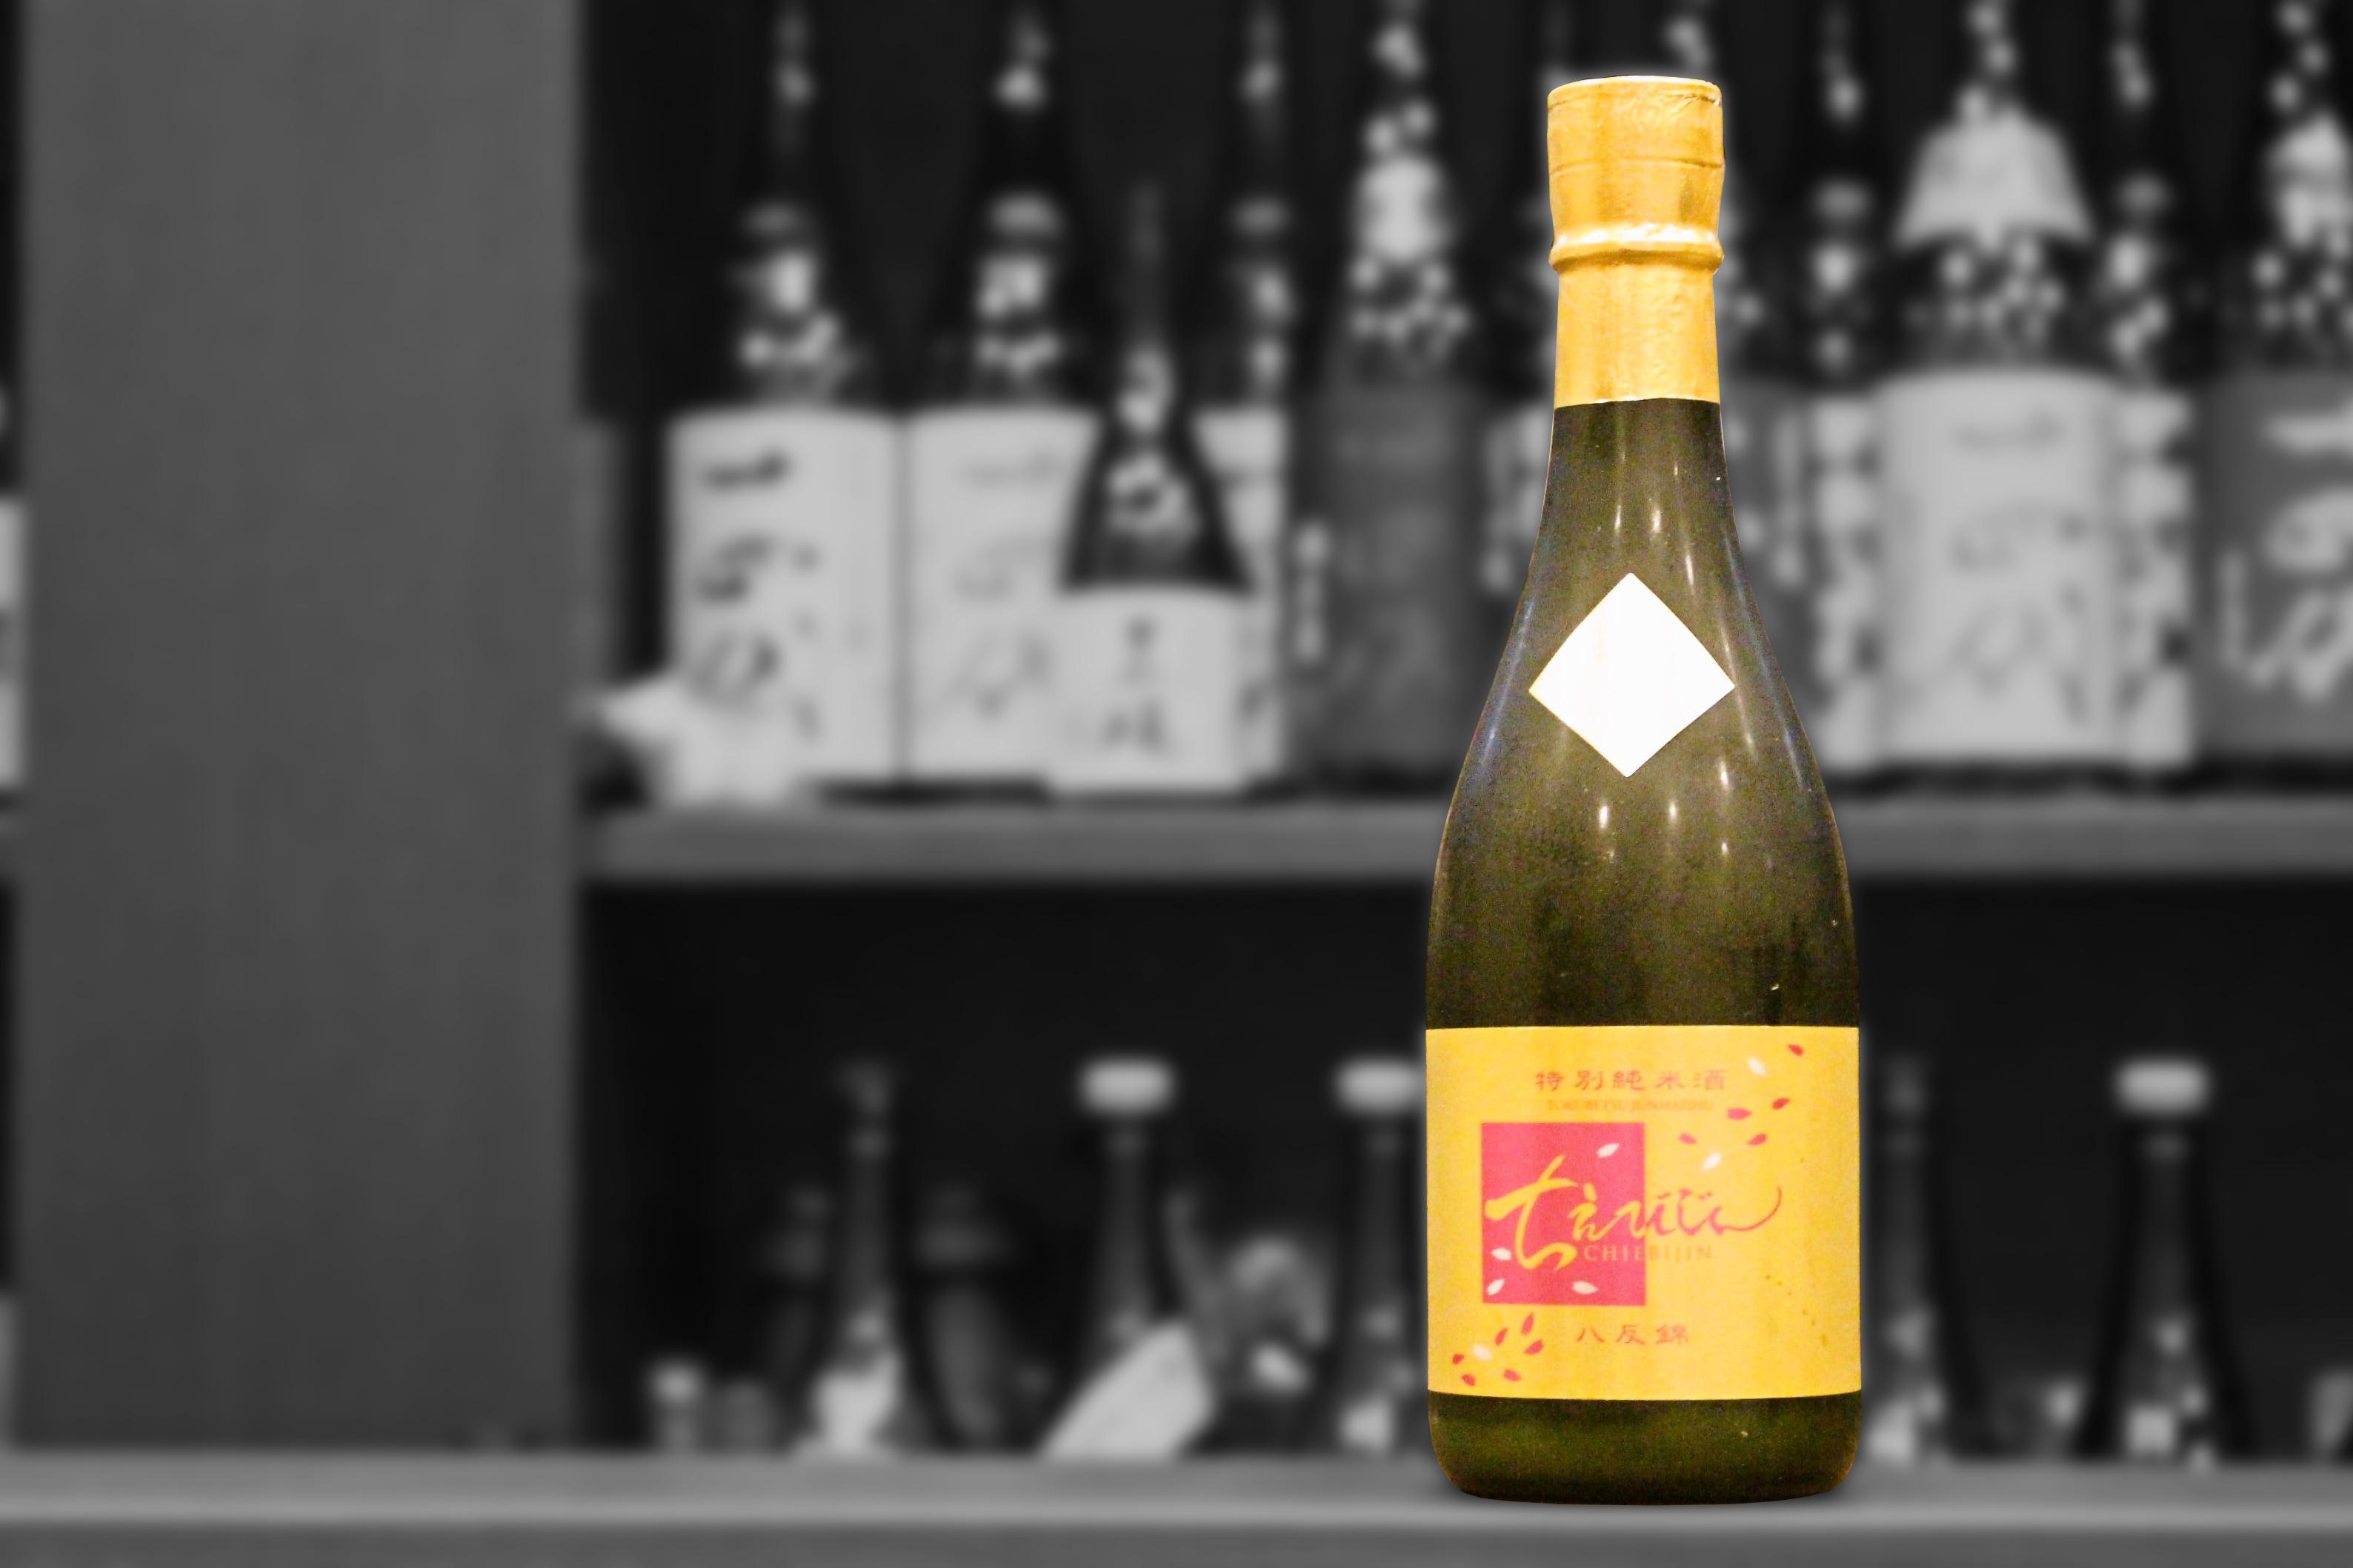 ちえびじん特別純米おりがらみ生酒202104画像